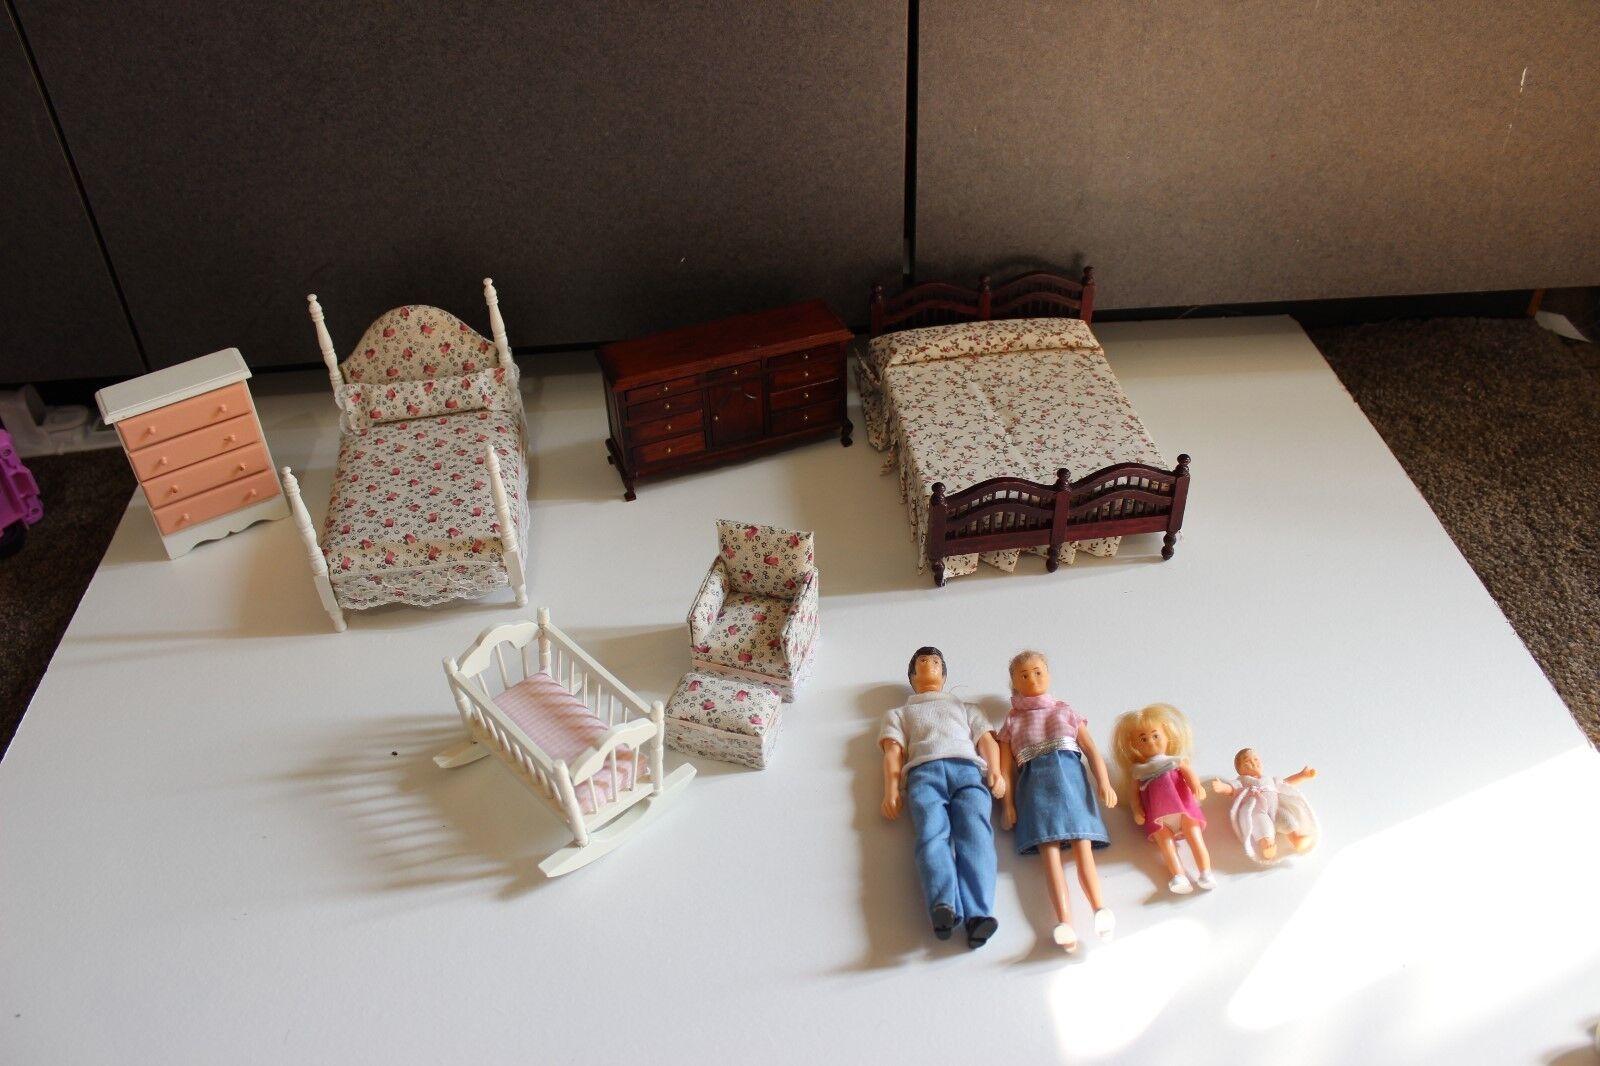 Vtg Horseman doll house Family Figures w bedroom nursery furniture baby crib